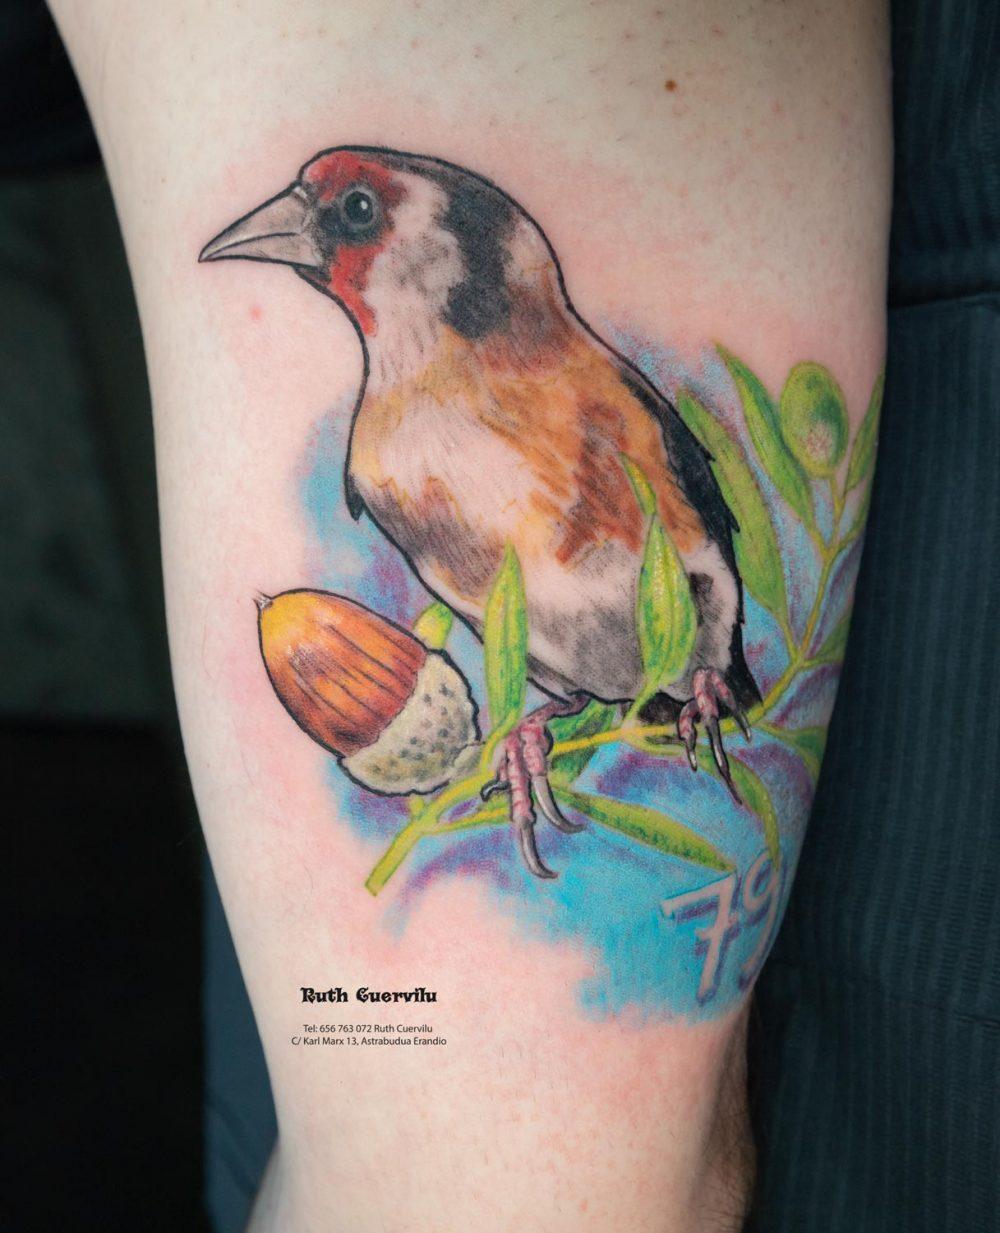 Tatuaje Jilgero y Bellota - Ruth Cuervilu Tattoo - KM13 Studio - Estudio de tatuajes en Astrabudua Erandio Getxo, Bilbao Bizkaia Basauri barakaldo portugalete Leioa Getxo